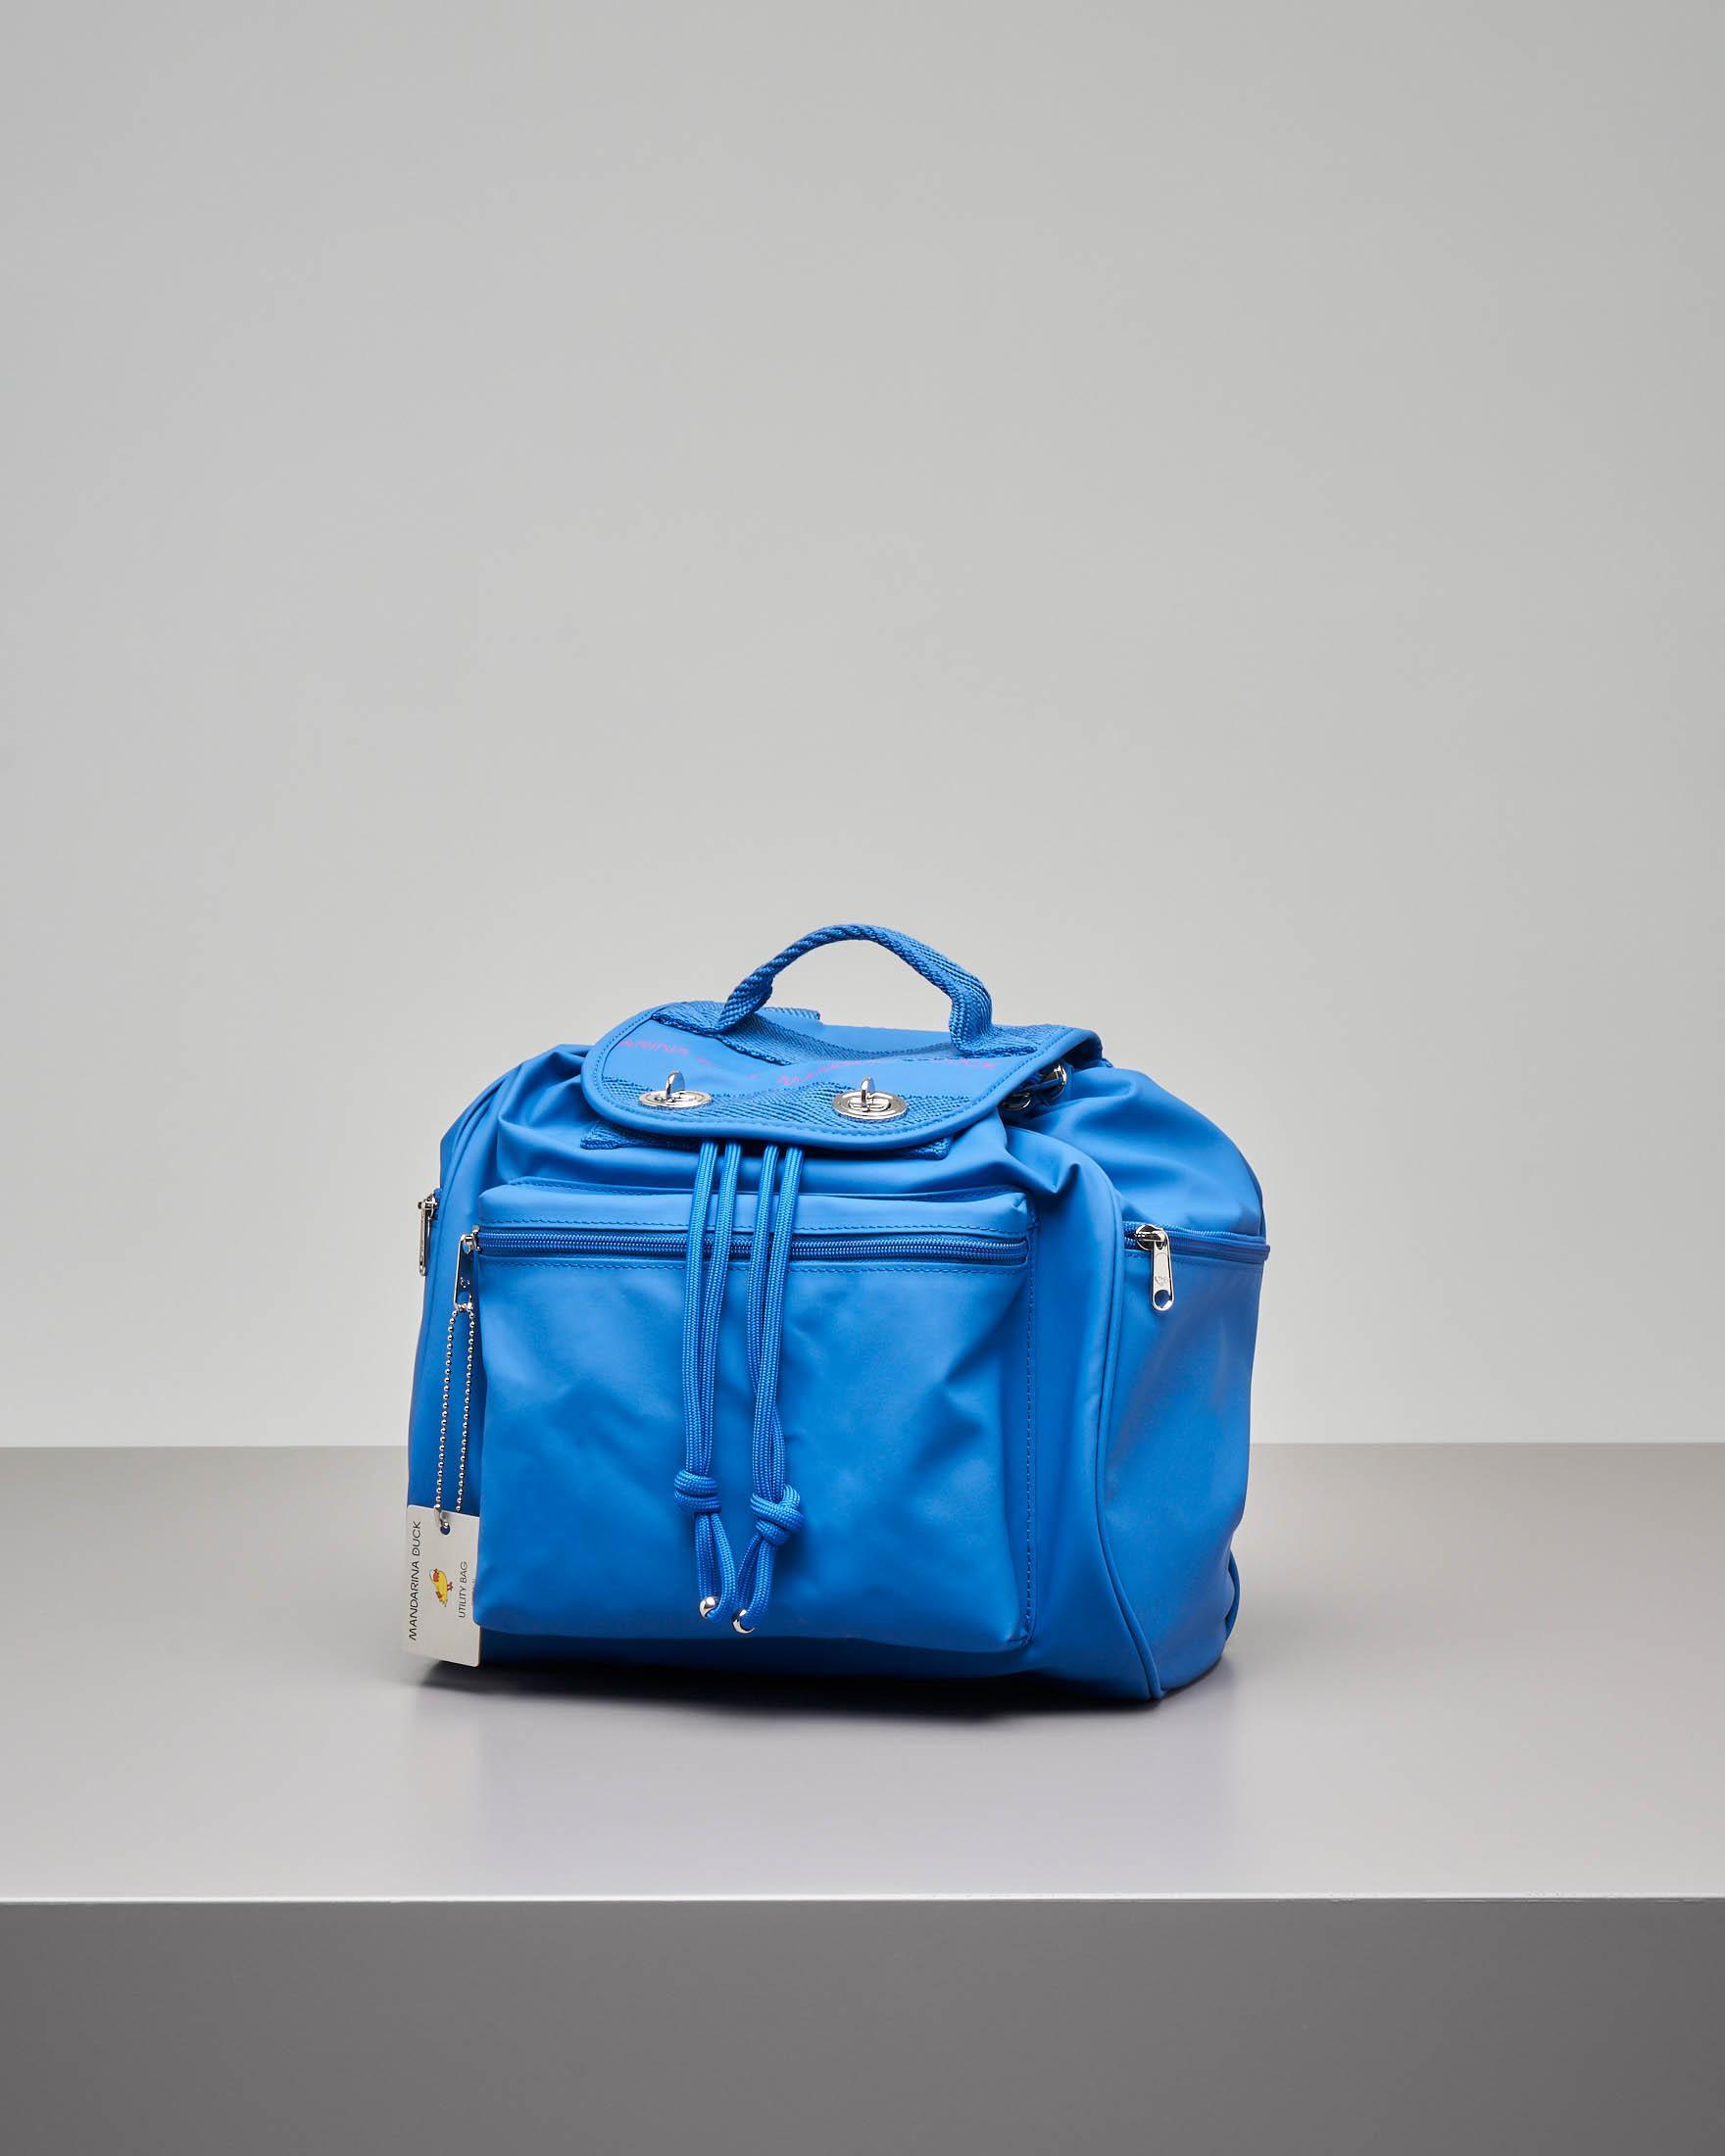 Zaino modello Utility bluette in ecopelle con patta e scritta logo e tasche con zip